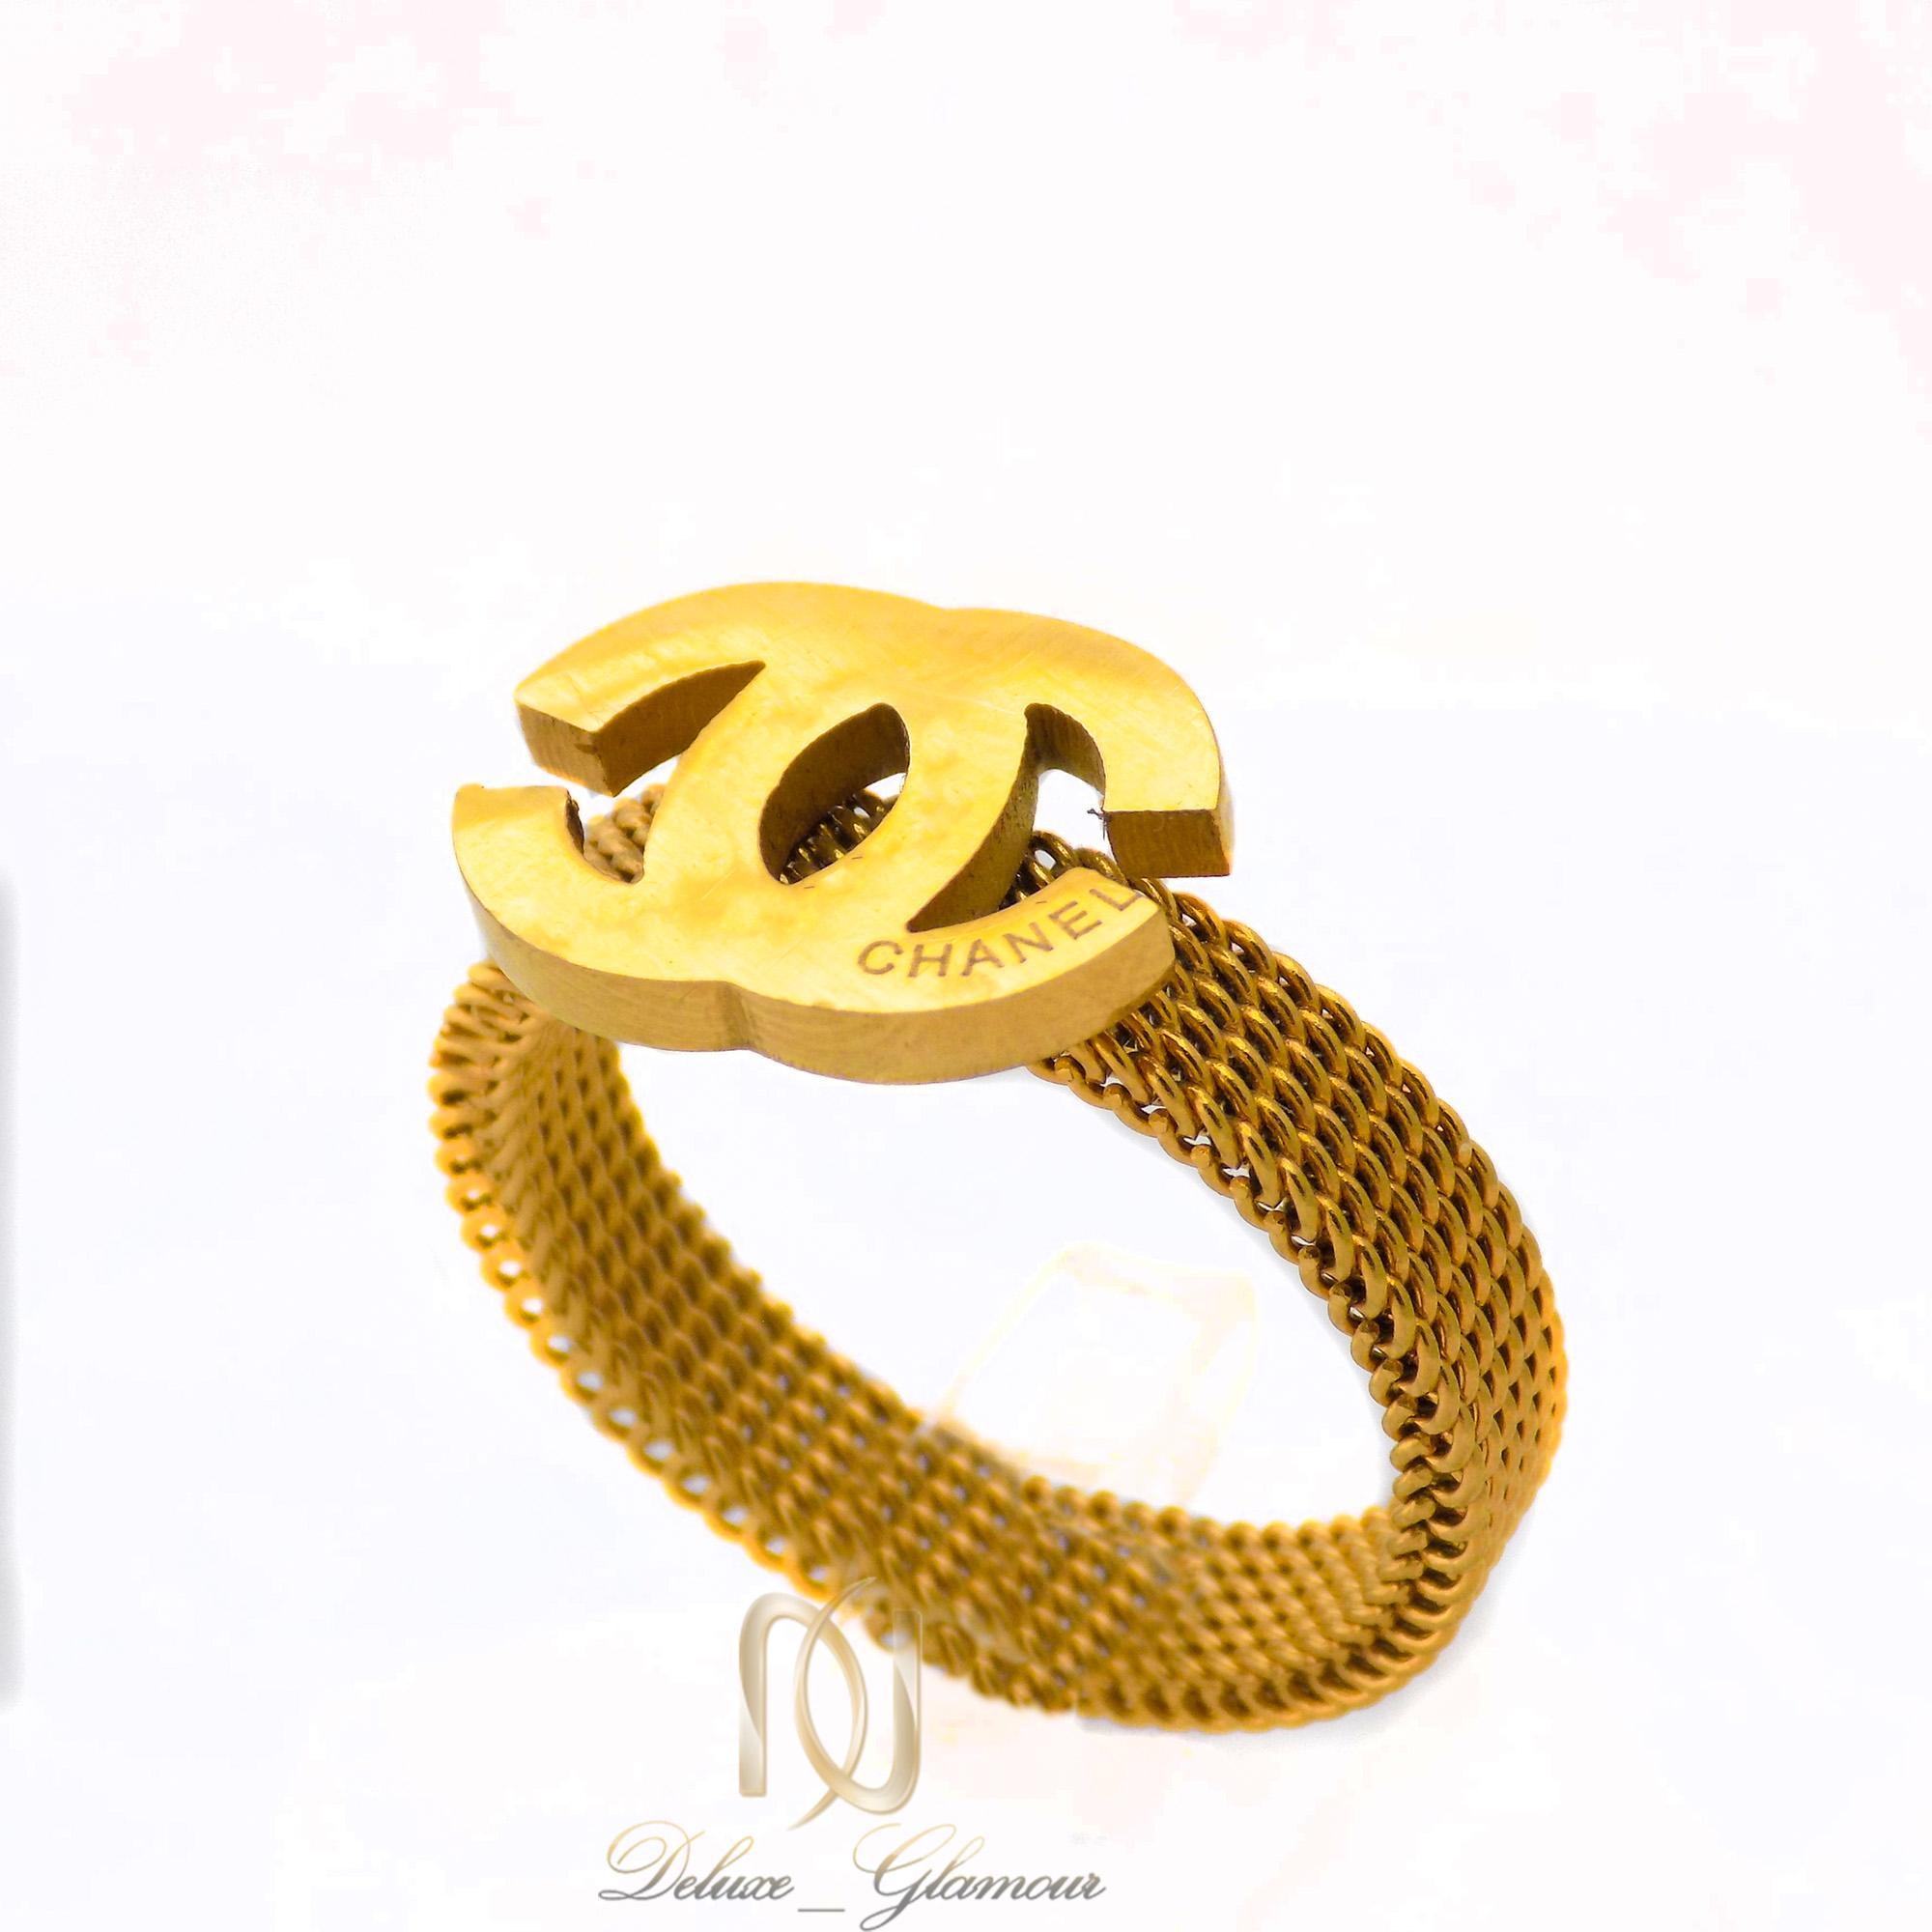 انگشتر زنانه استیل طرح چنل طلایی rg-n350 از نمای روبرو